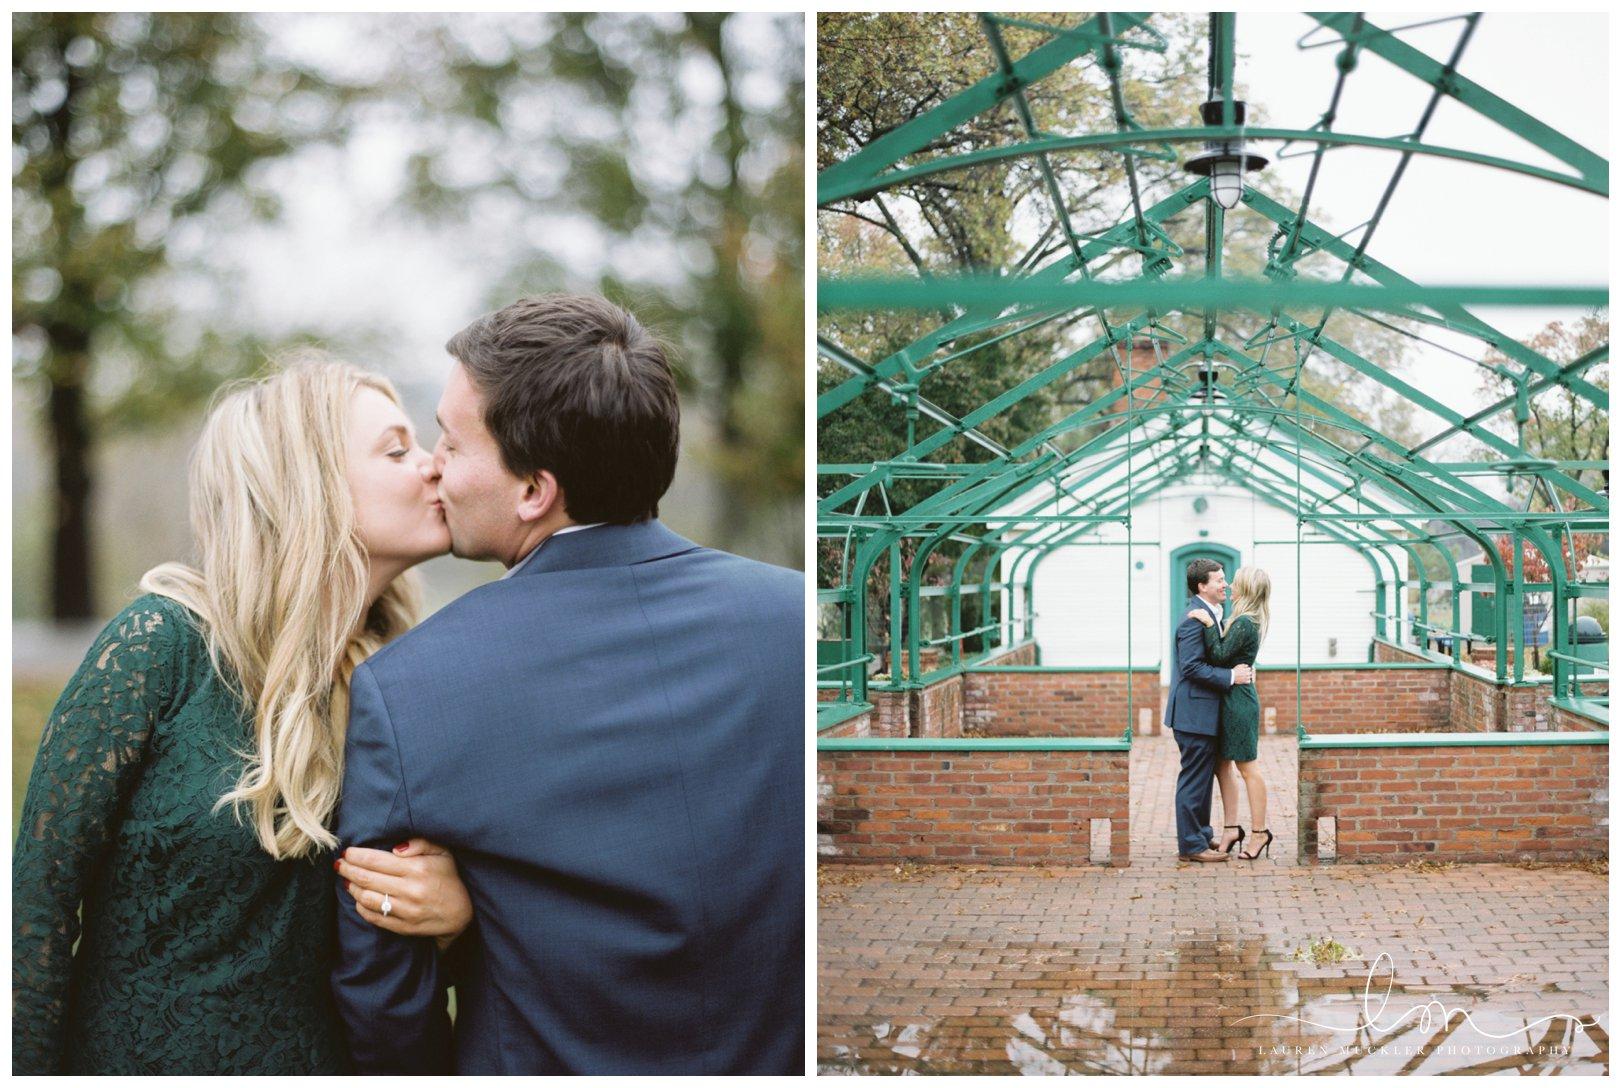 lauren muckler photography_fine art film wedding photography_st louis_photography_0774.jpg